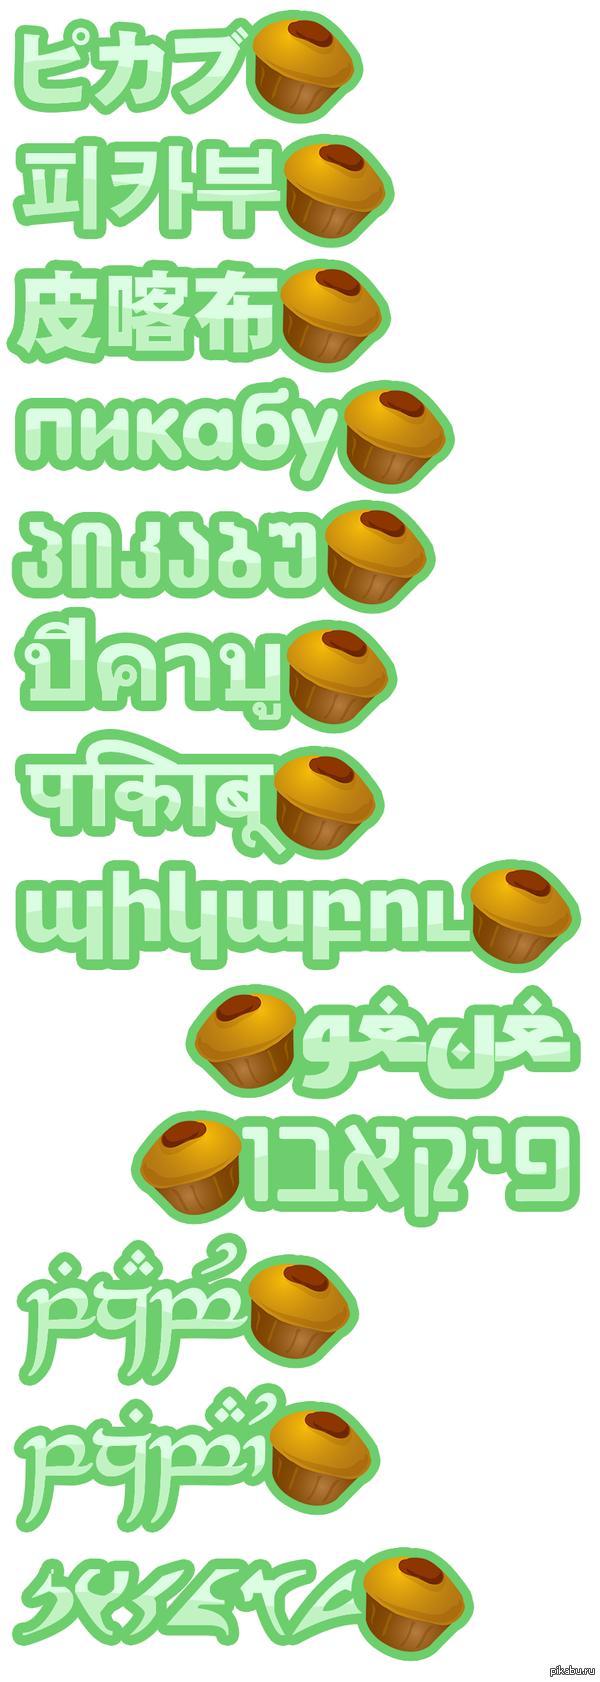 173 Комментария. admin@m-pikabu.ru. логотип. синдарин. пикабу. иностранные языки.  Логотип Пикабу на 10...